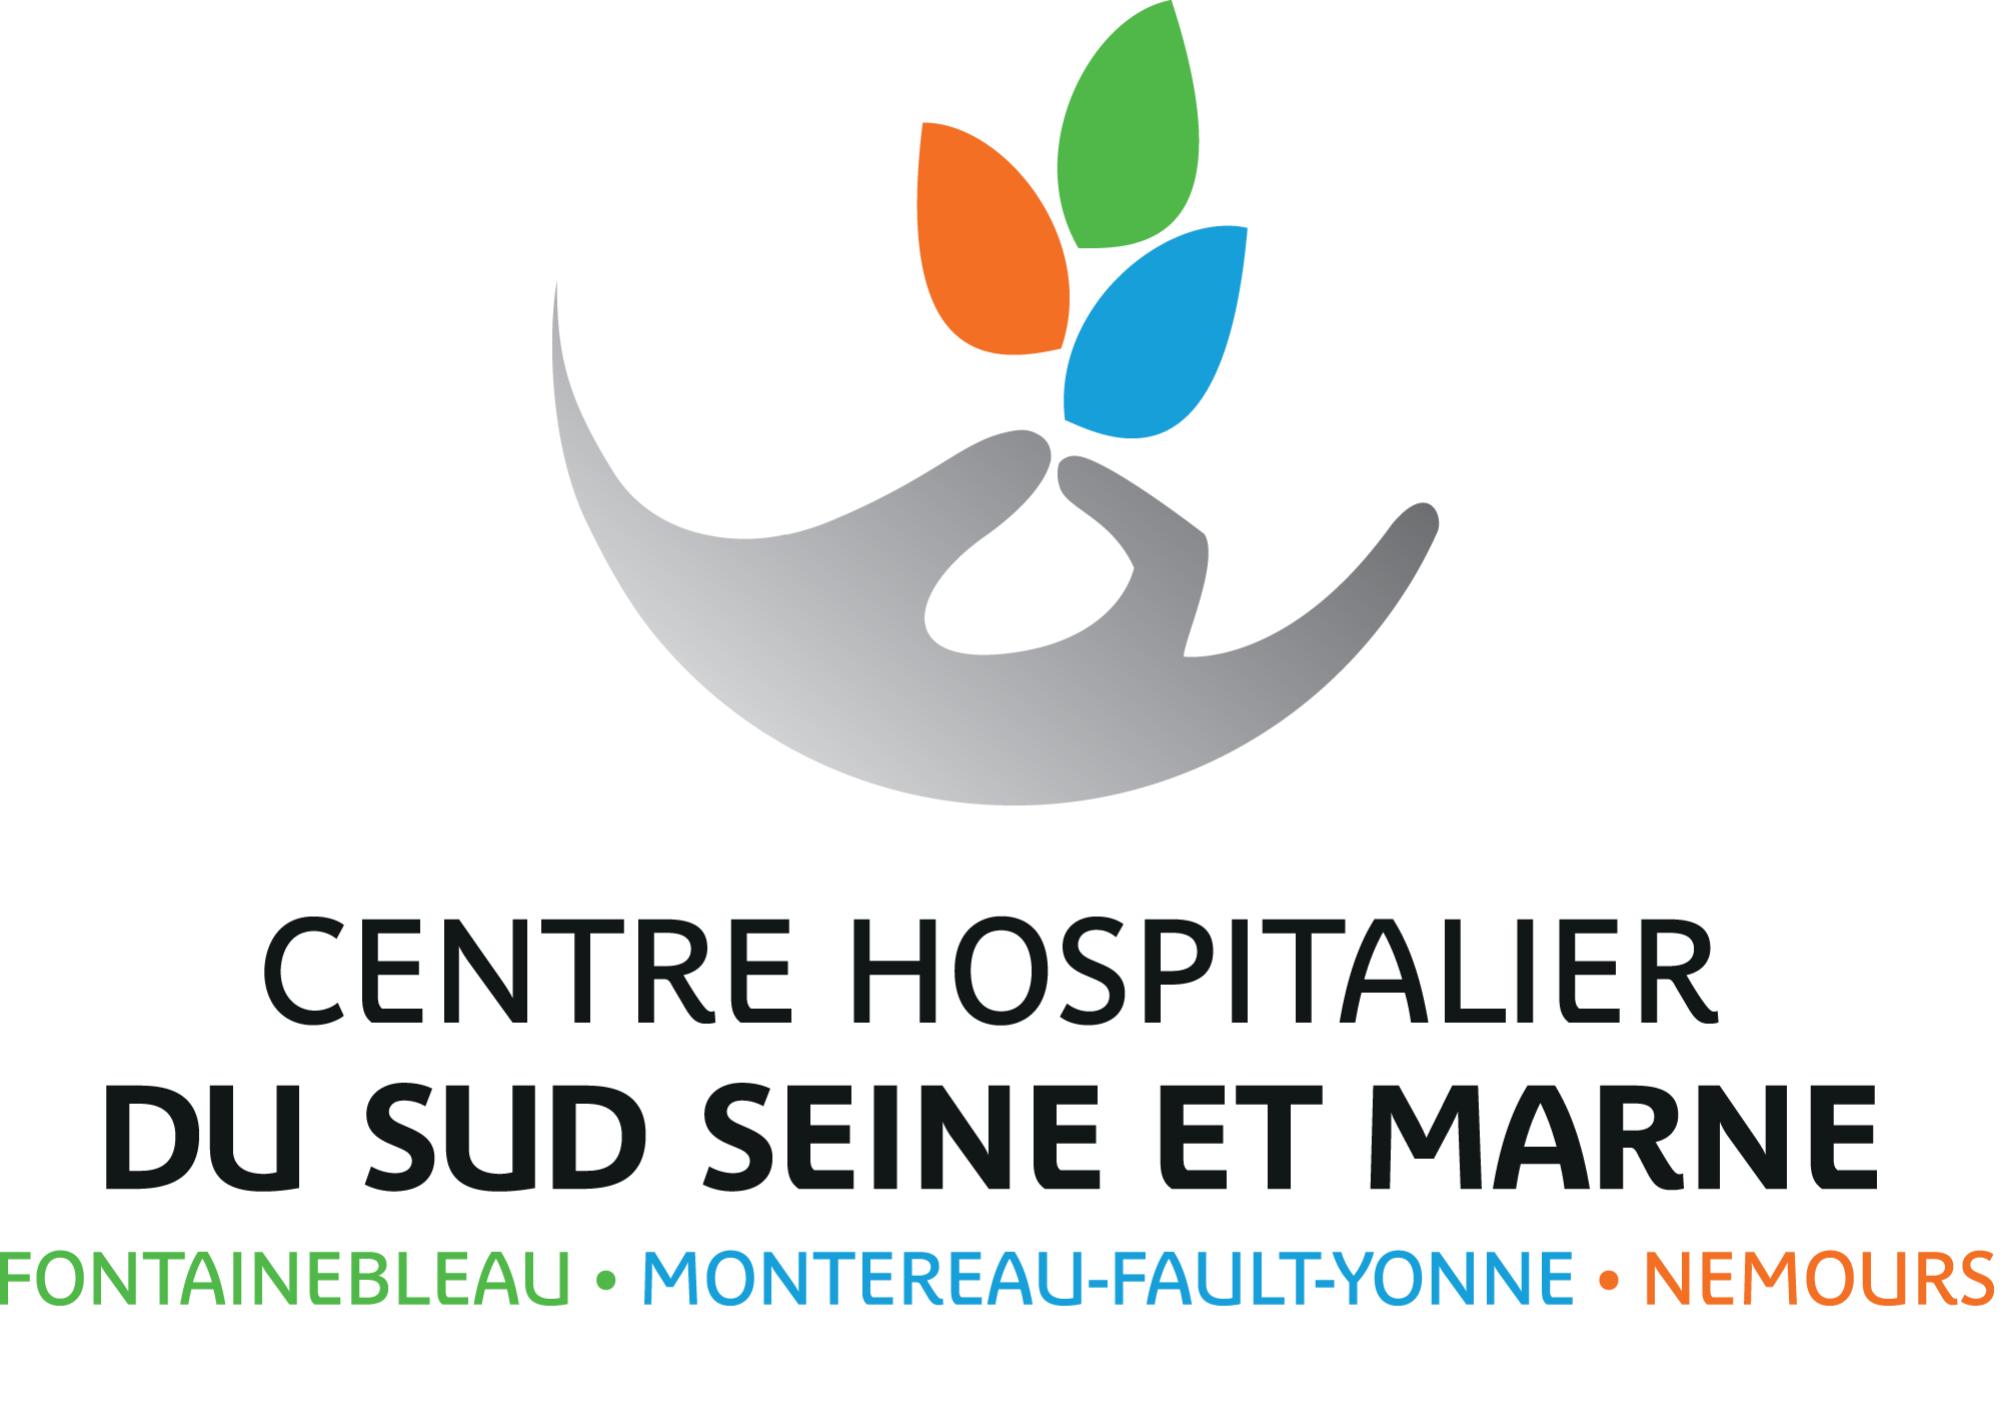 Centre hospitalier sud seine et marne 77 urgences 24h 24 - Groupe hospitalier les portes du sud ...